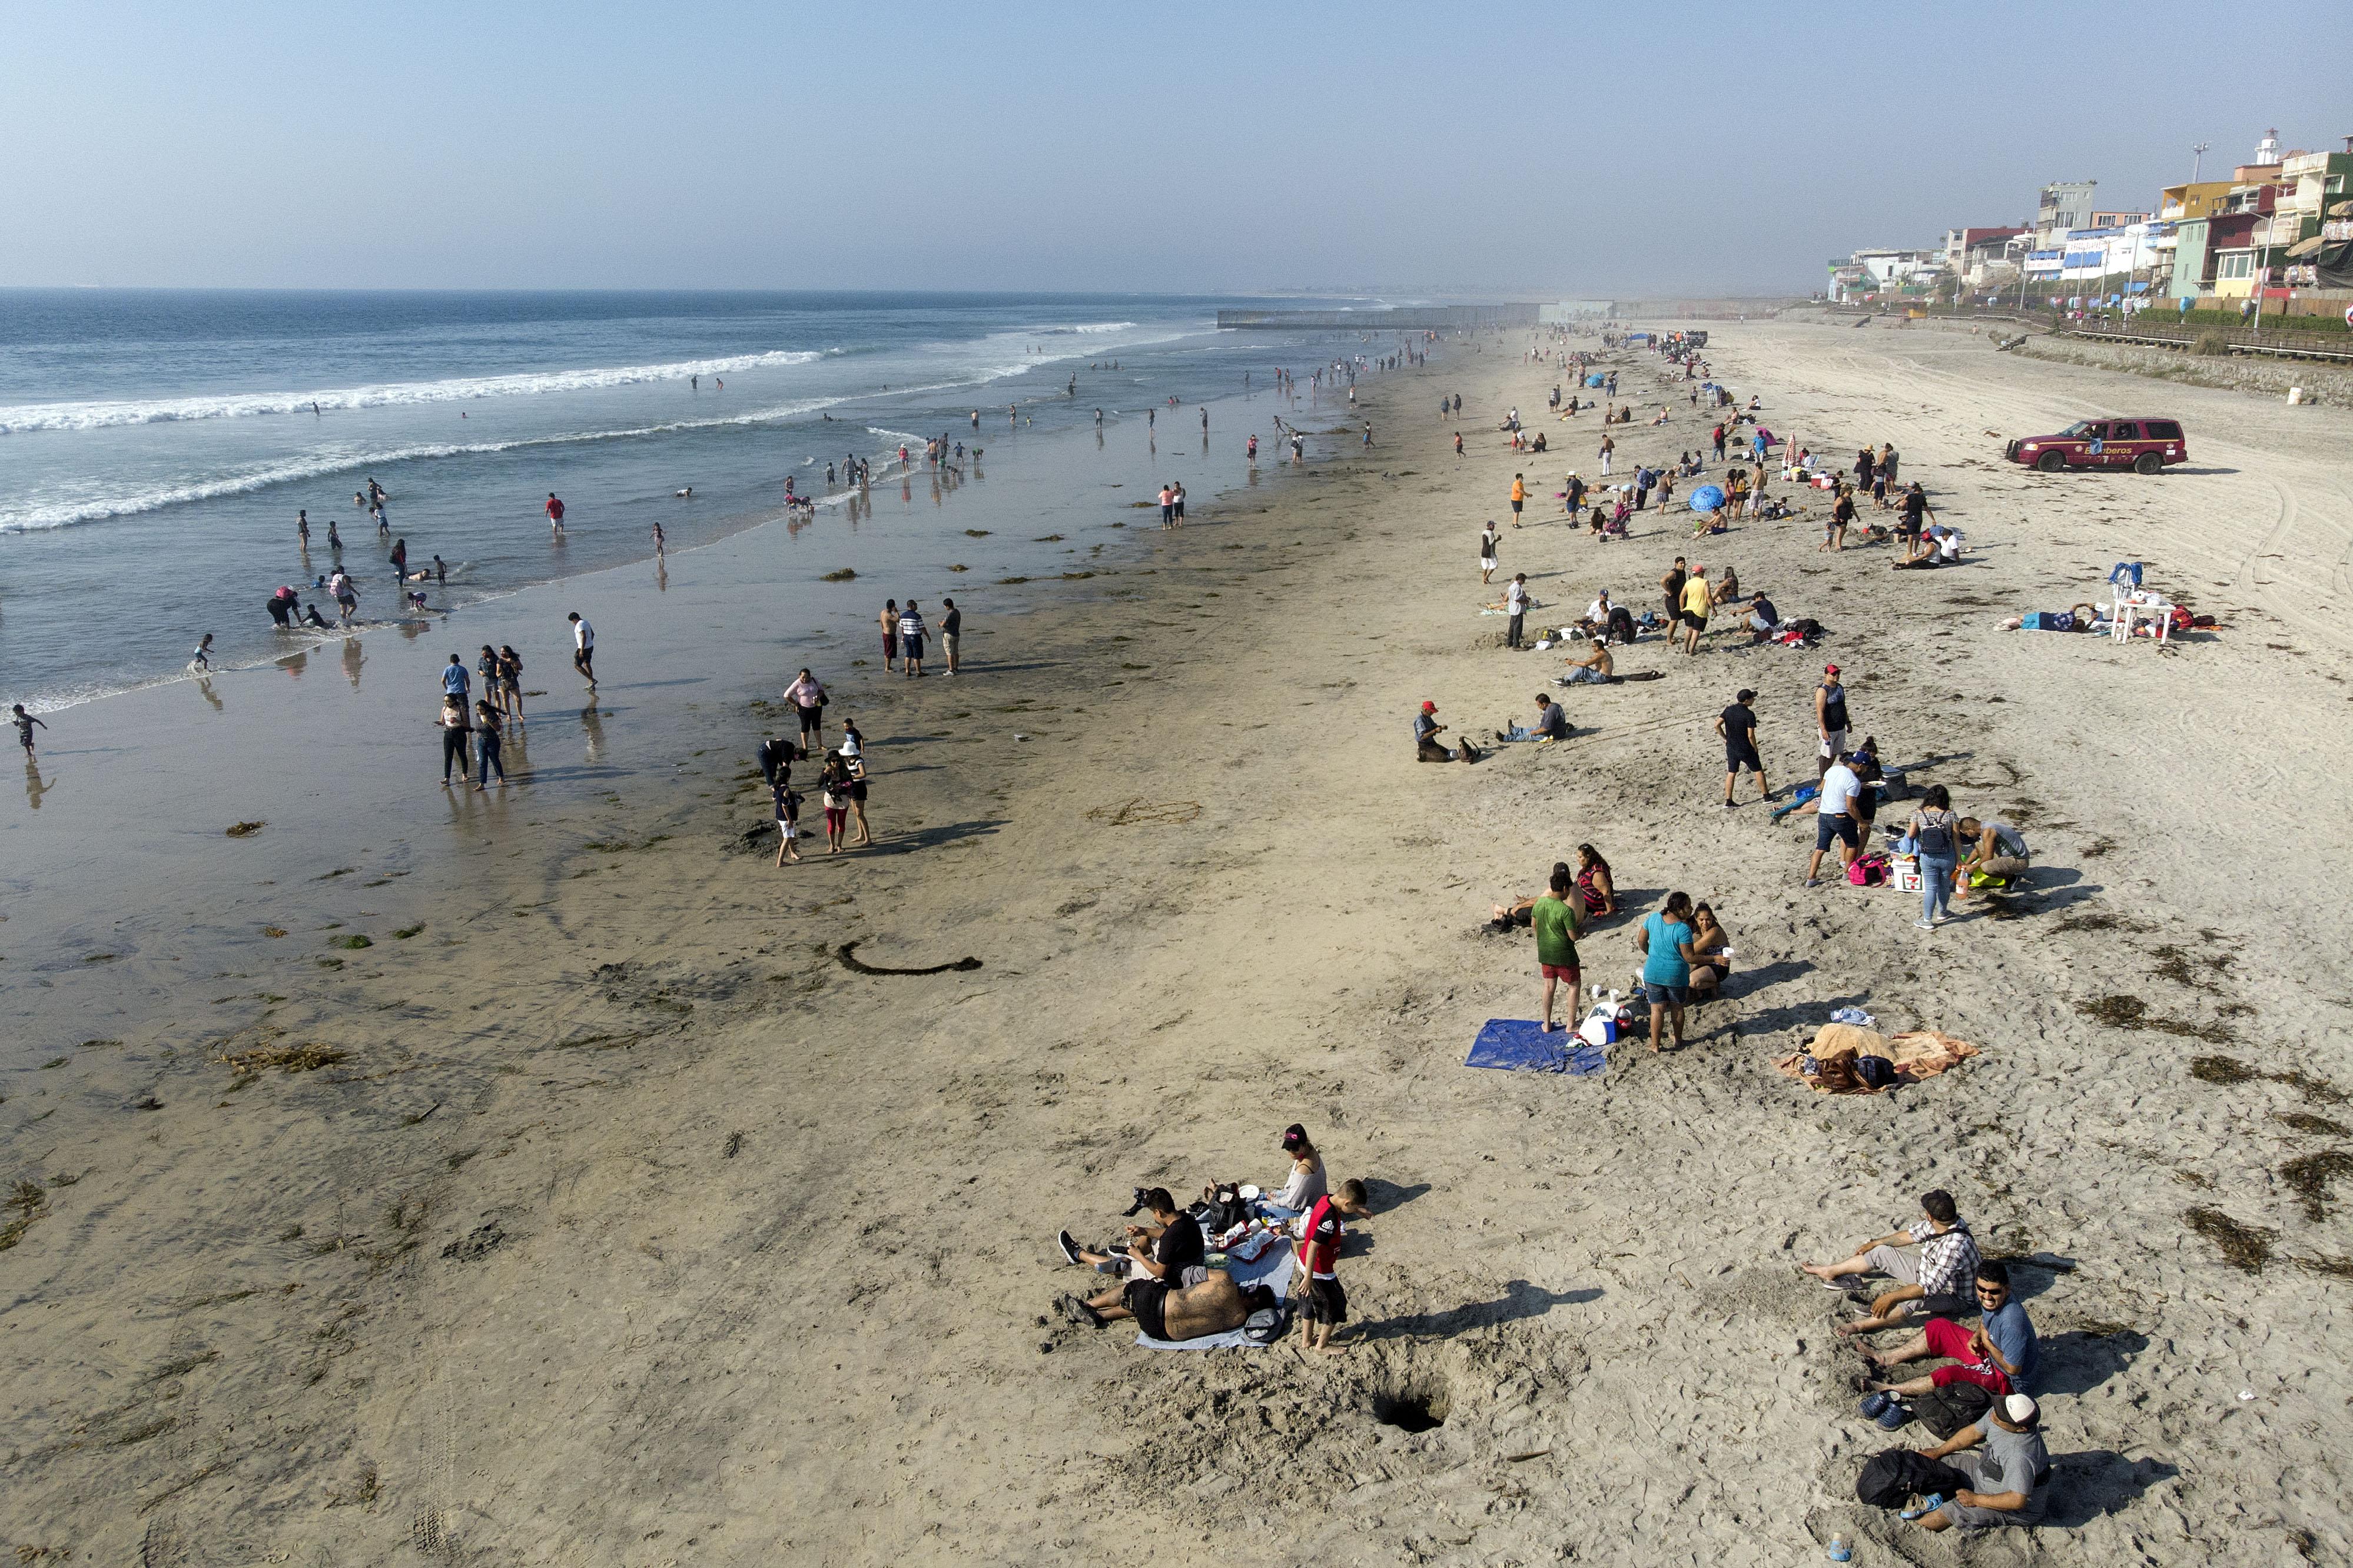 Vista aérea de personas en la playa de Playas de Tijuana cerca de la frontera entre Estados Unidos y México en Tijuana, estado de Baja California, México, el 3 de octubre de 2020, en medio de la pandemia del coronavirus COVID-19.